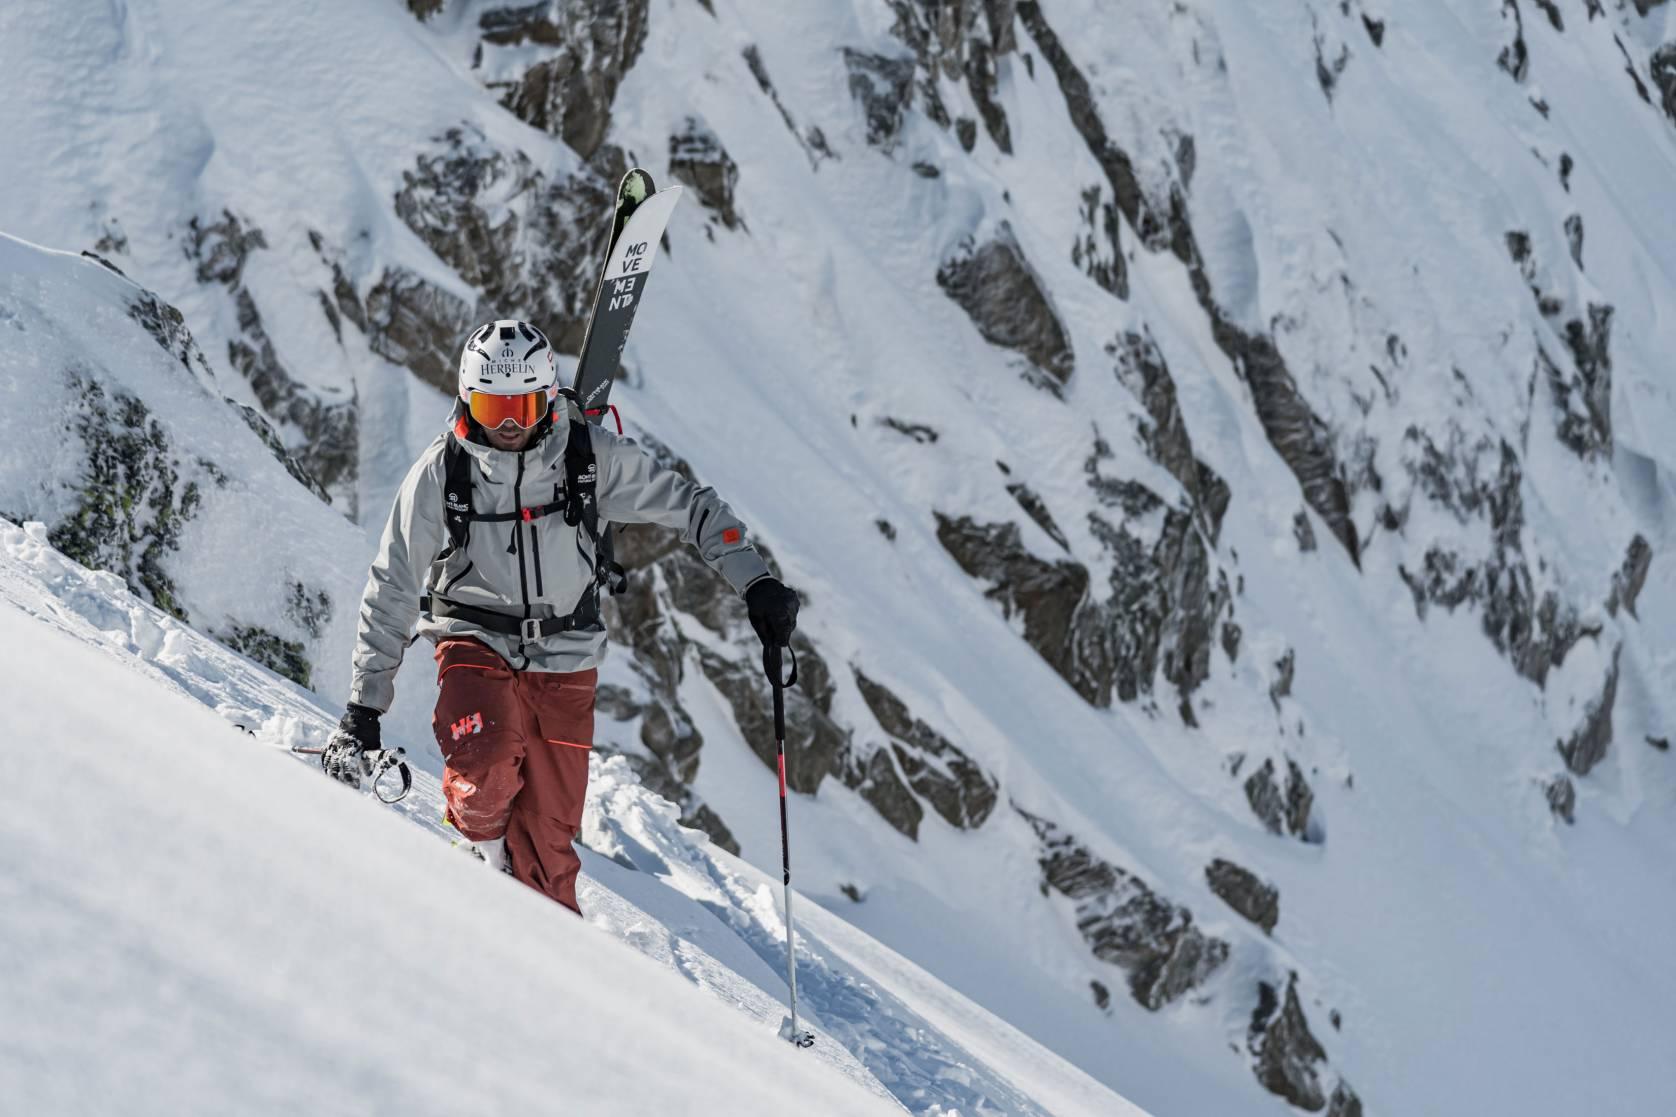 helly hansen ski mountaineering